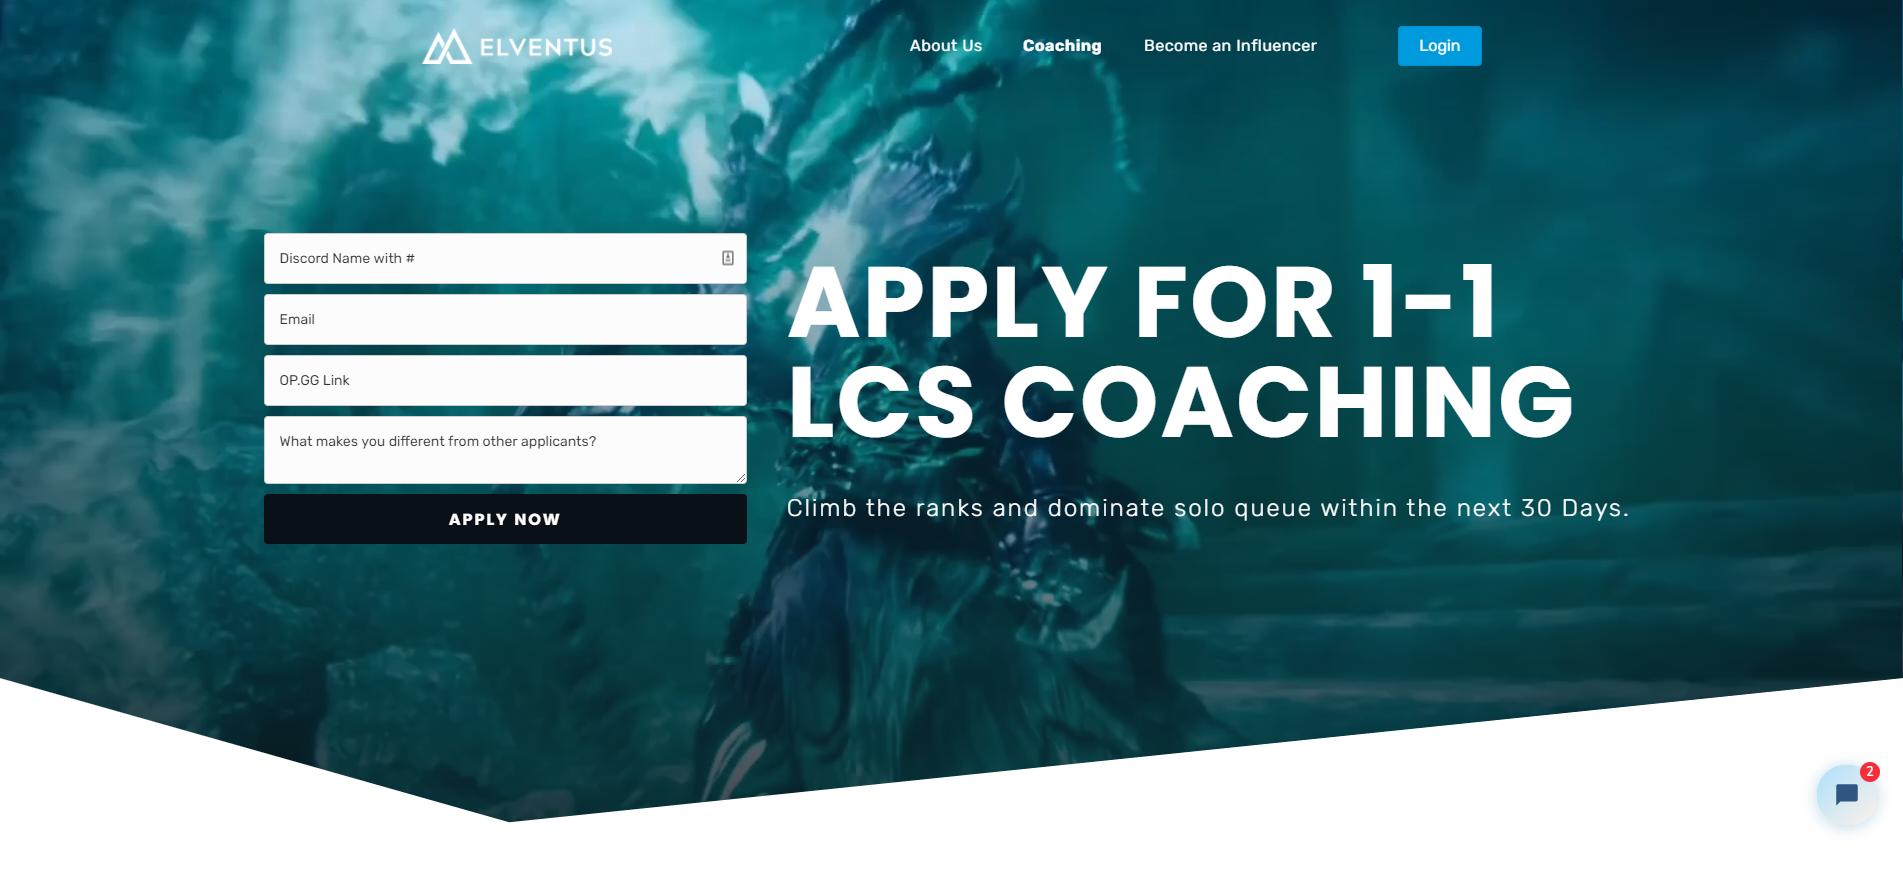 Coaching-Elventus